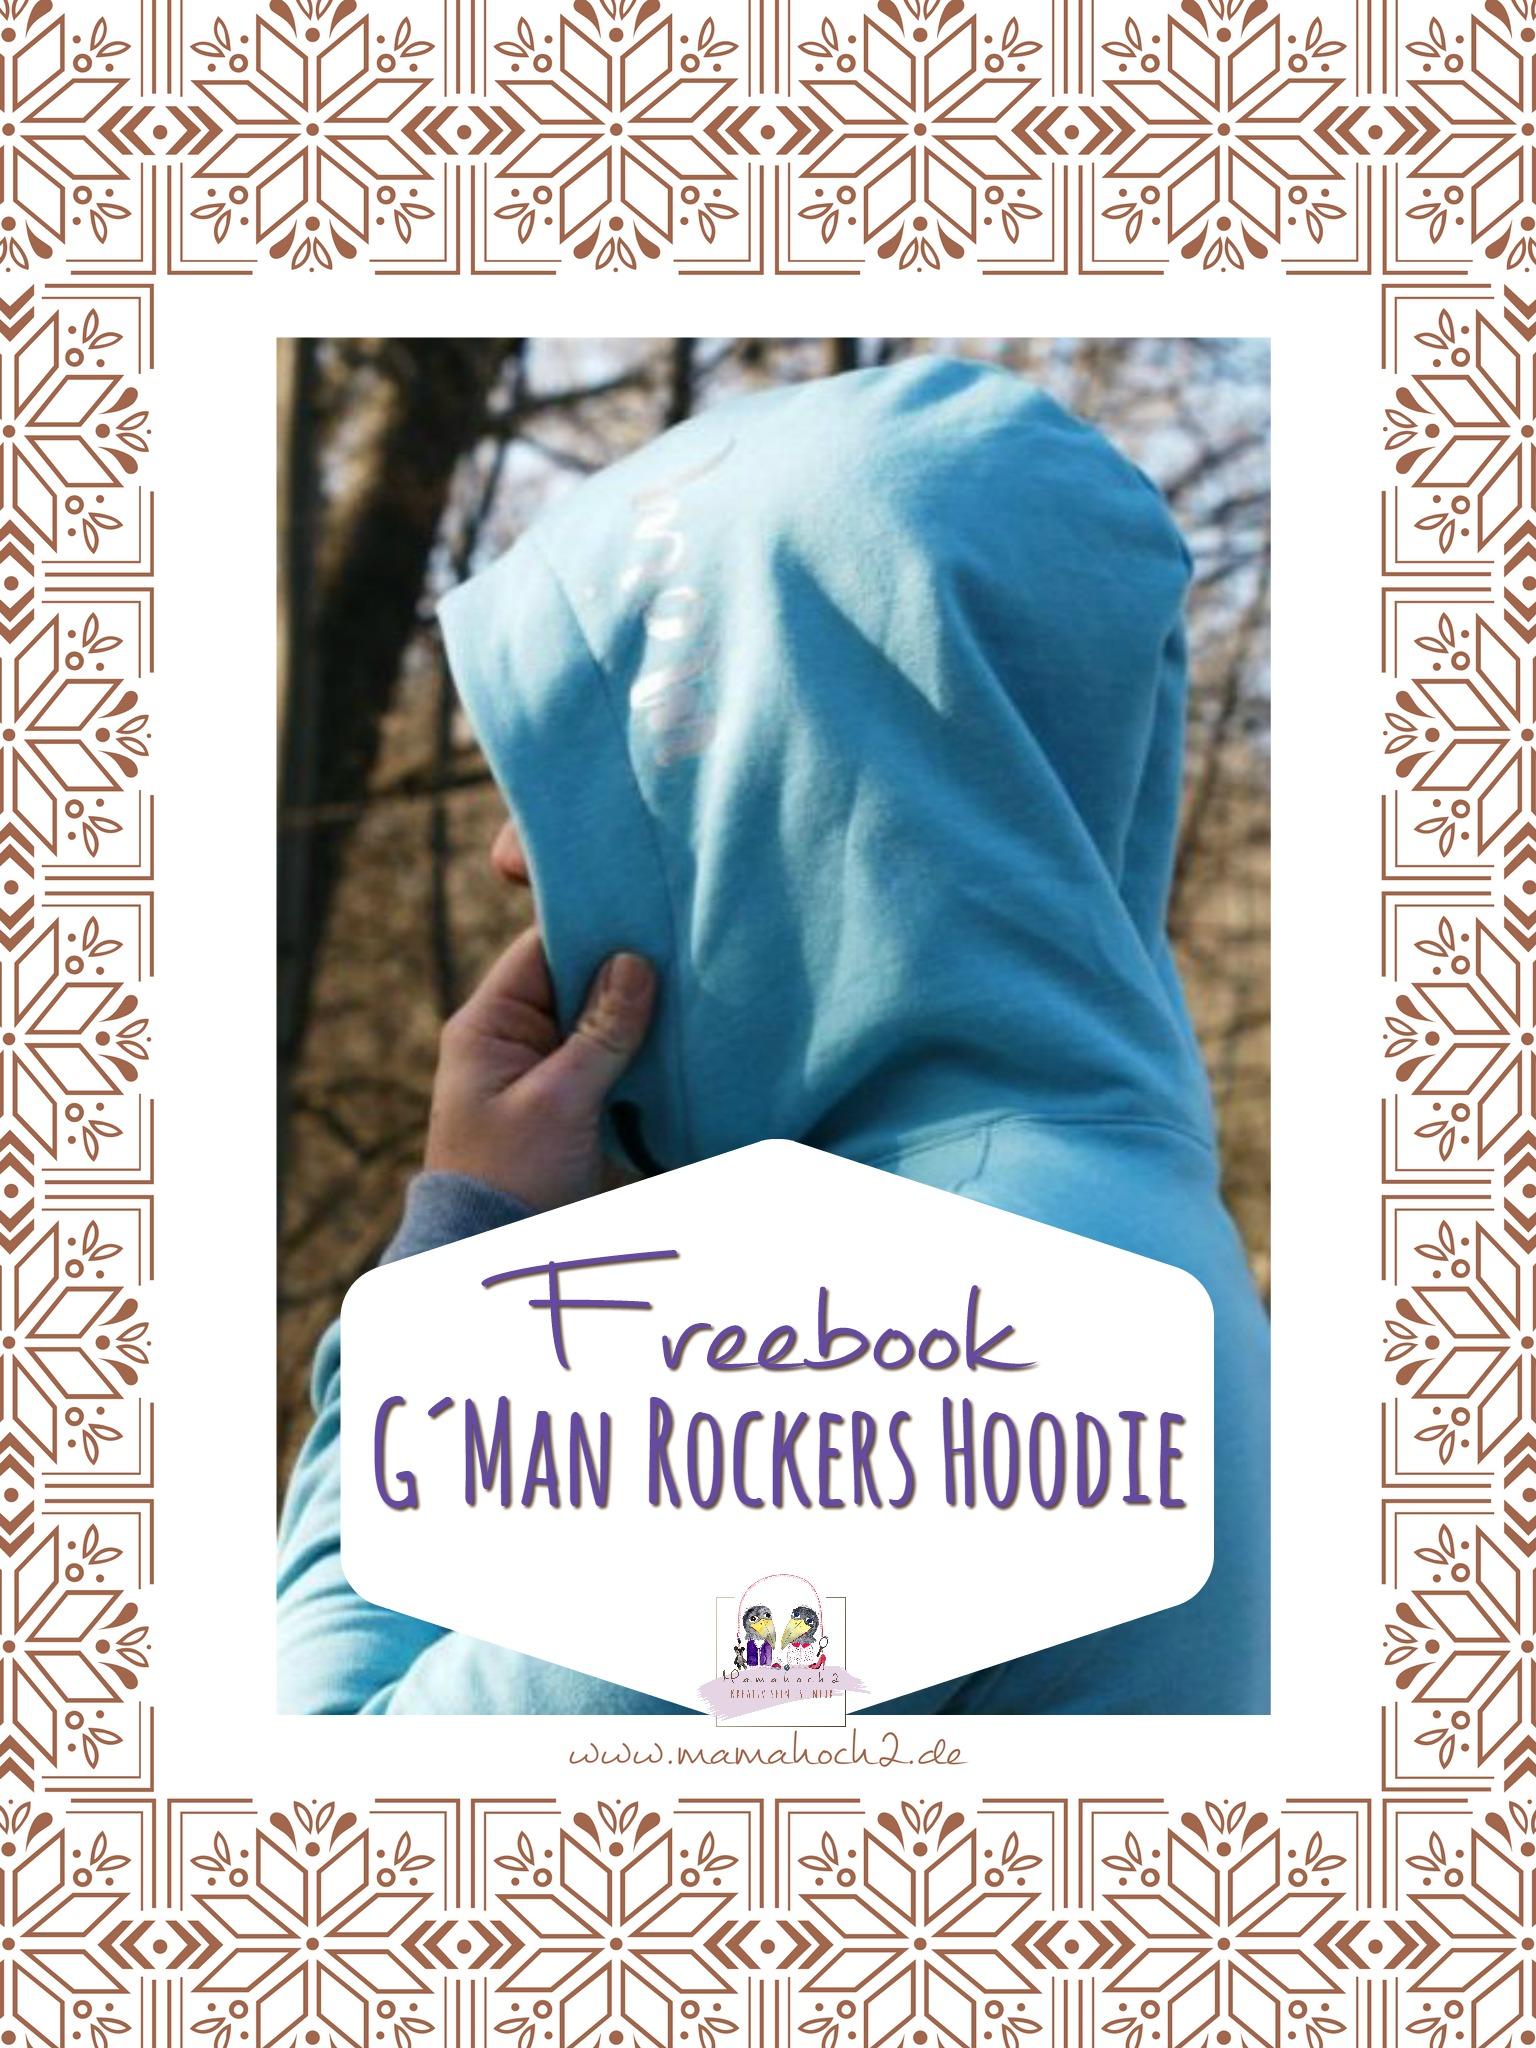 Kostenloses Schnittmuster für einen Hoodie für Männer (S-XXL) von Mamahoch2